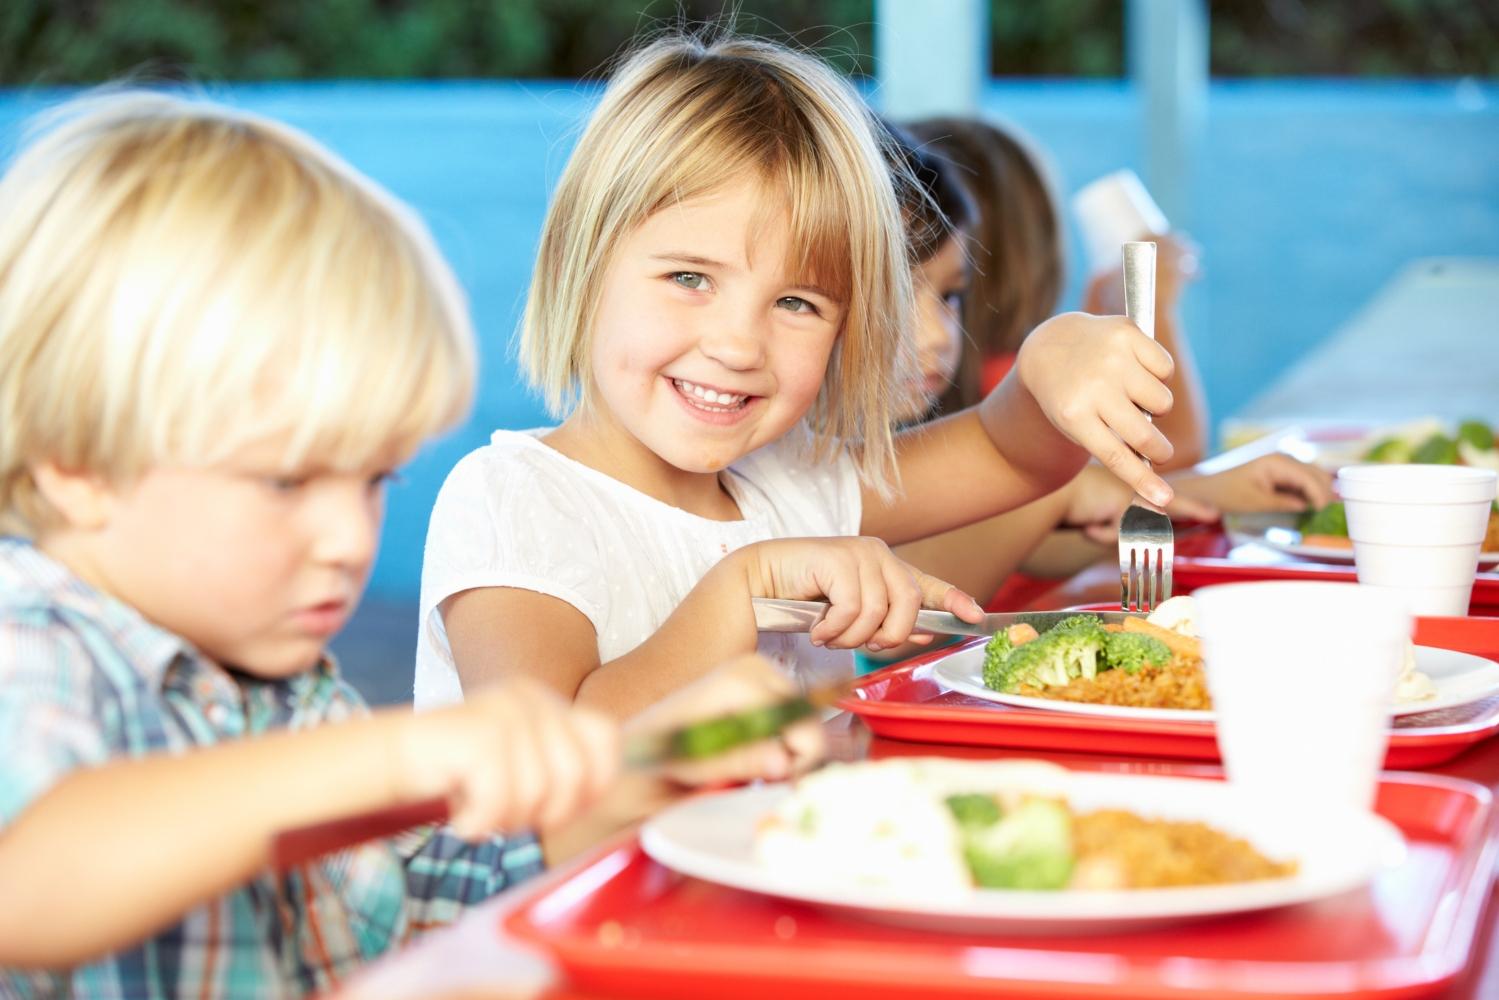 comida saudável na escola